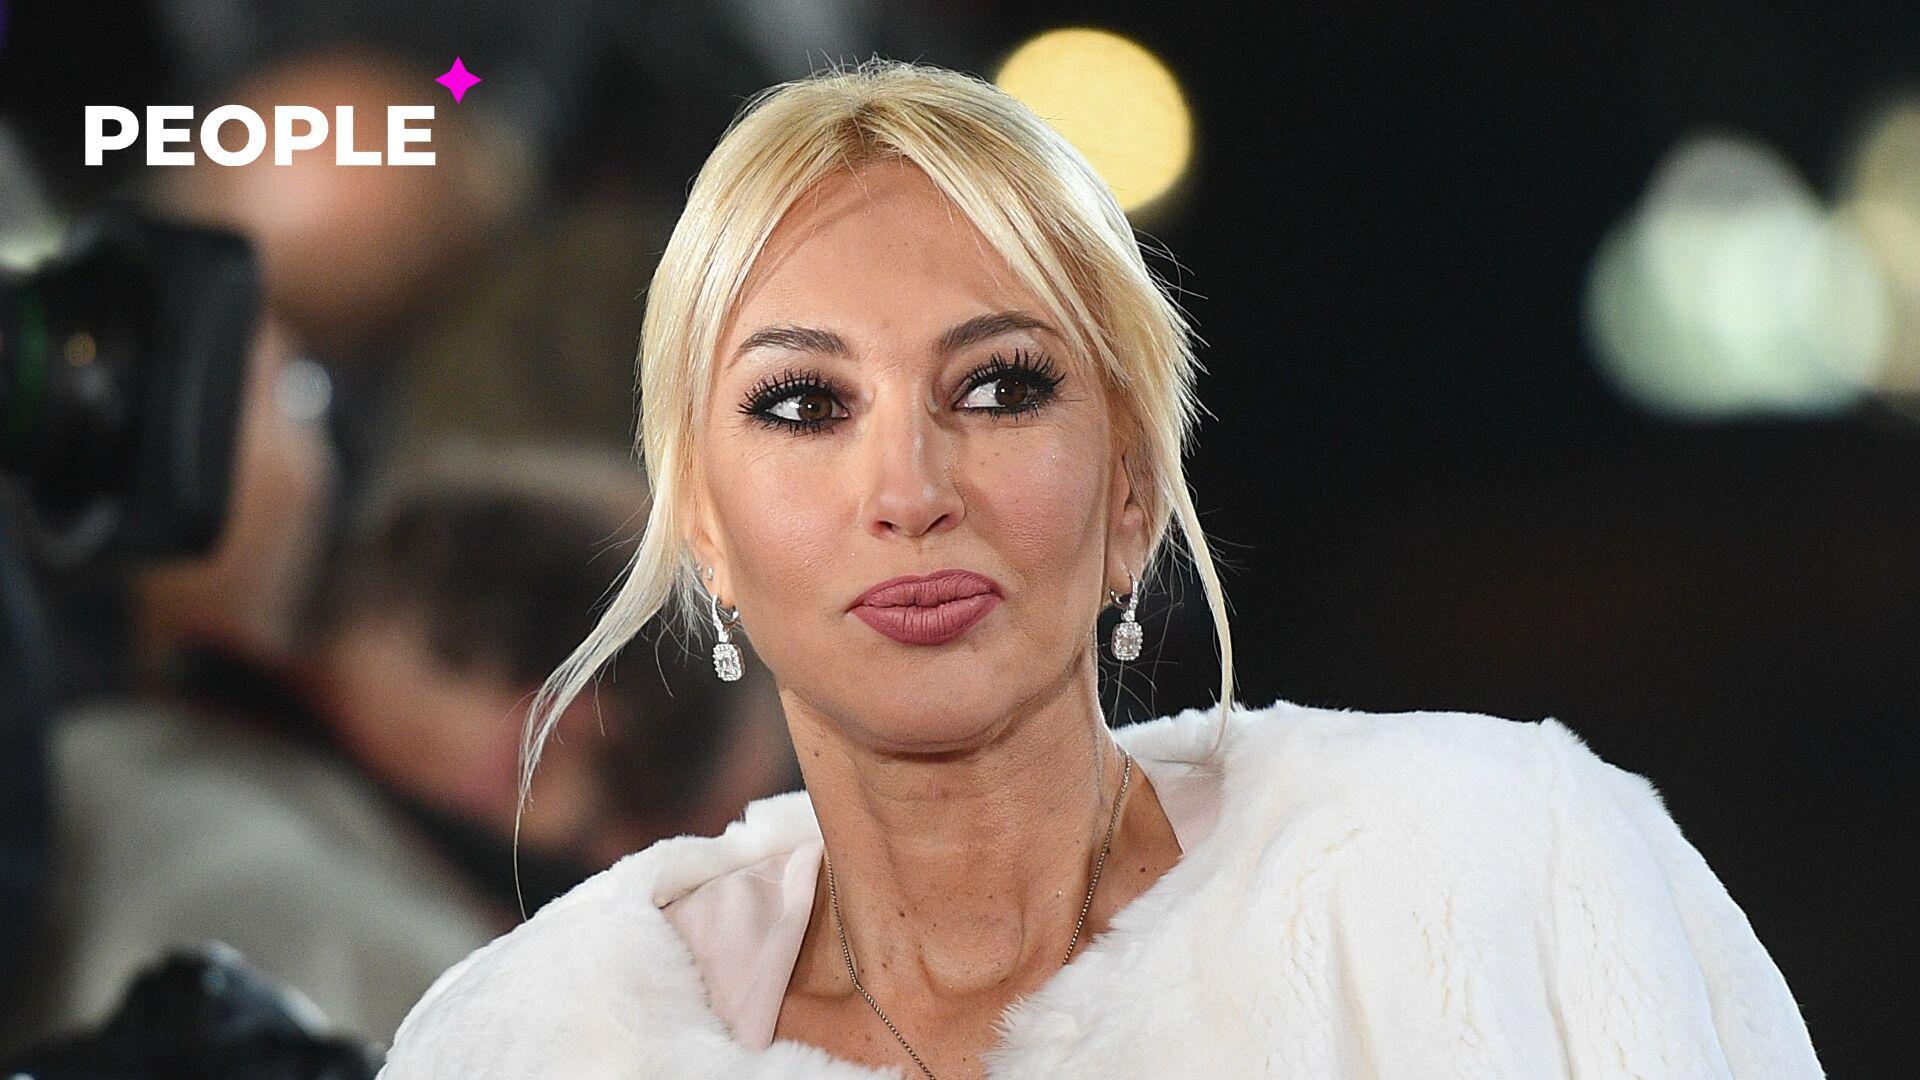 Лера Кудрявцева жестко поставила на место режиссера, который оскорбил ее